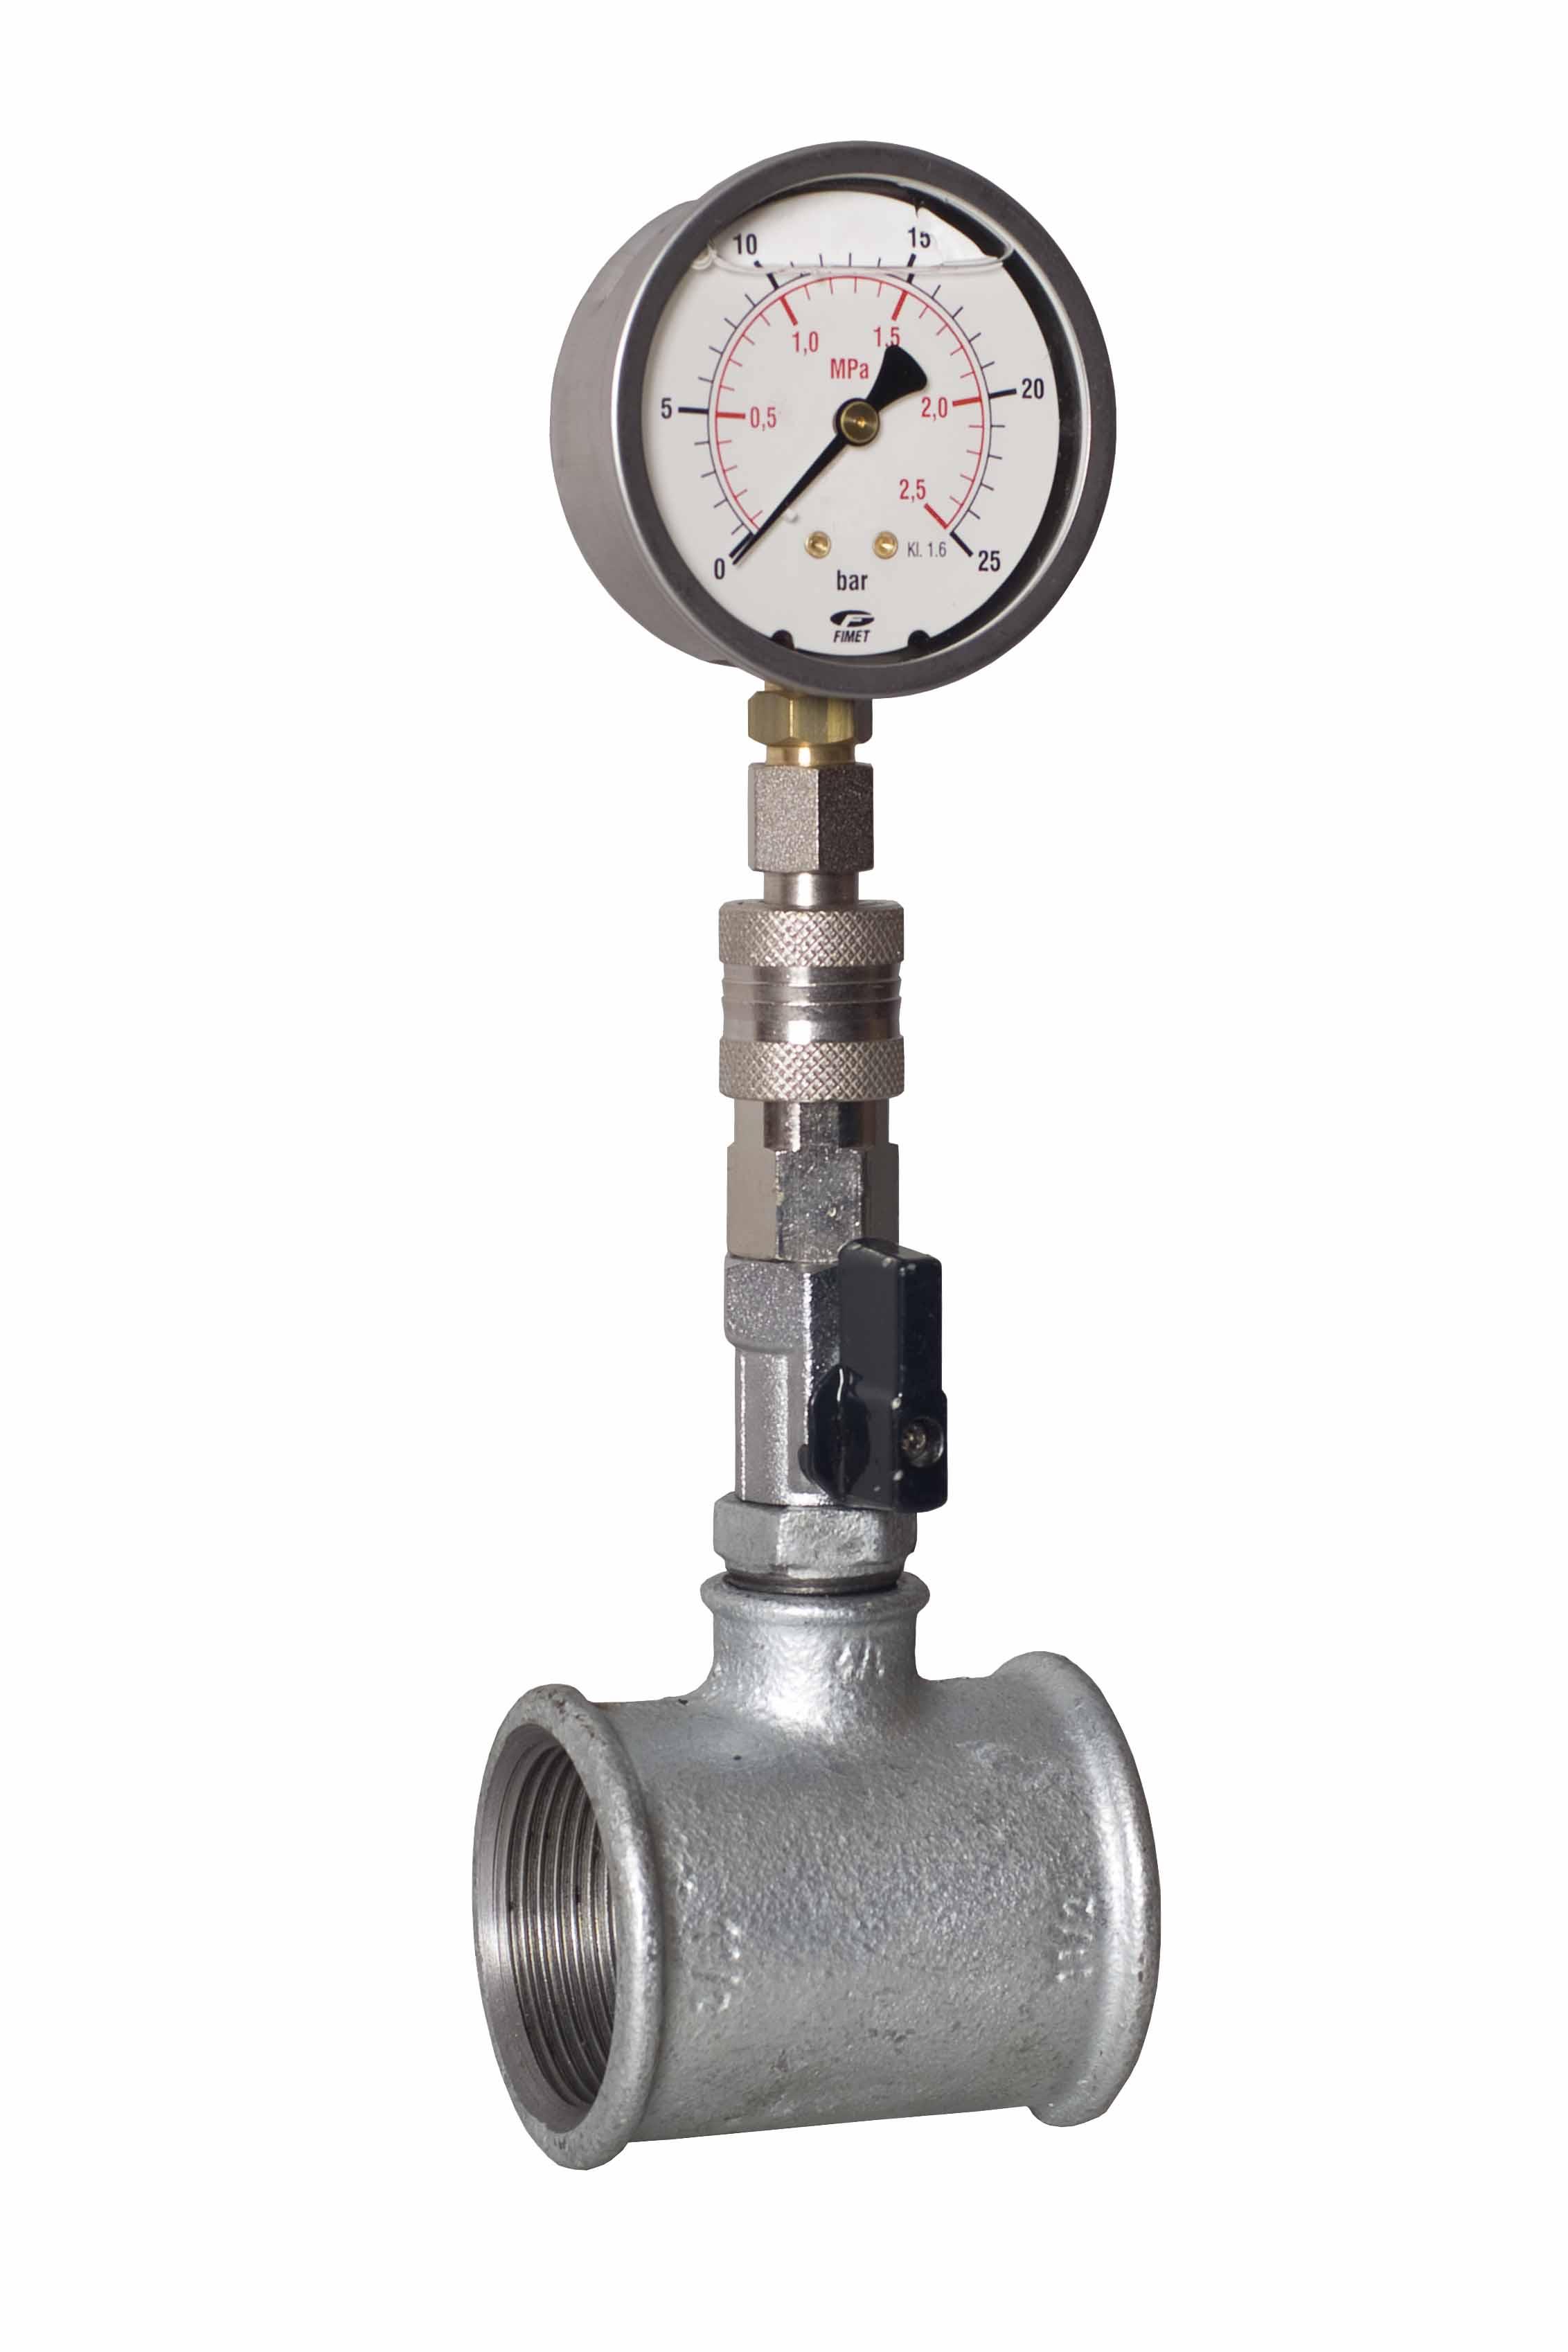 Vendita accessori per manutentori e macchinari per il - Kit misuratore di pressione e portata idranti prezzo ...